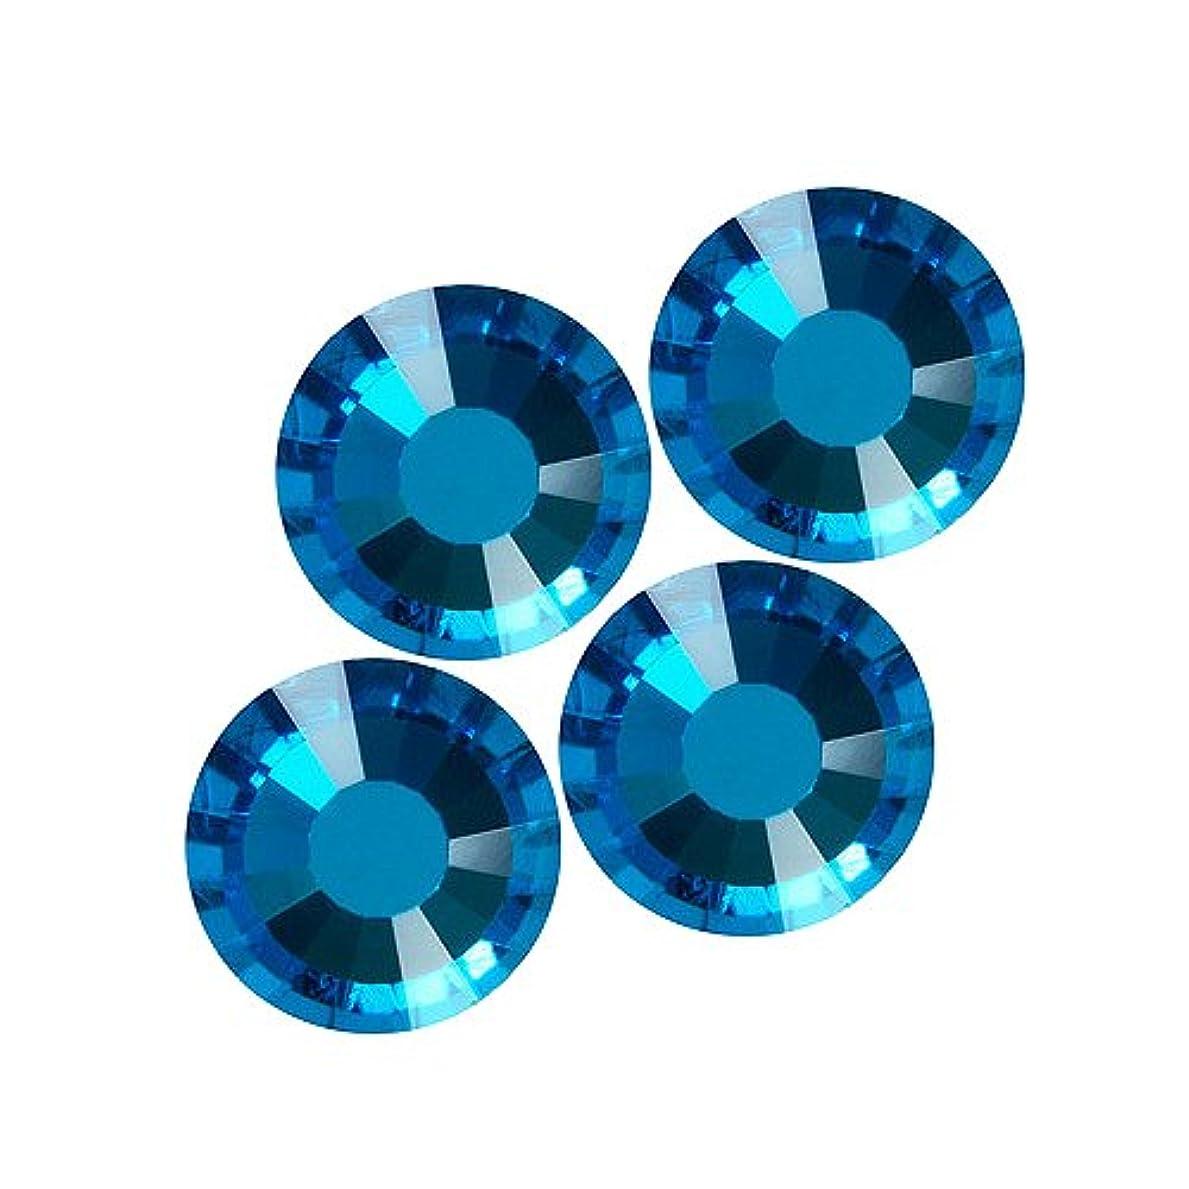 請求書同級生ファイルバイナル DIAMOND RHINESTONE ブルージルコン SS8 720粒 ST-SS8-BUZ-5G